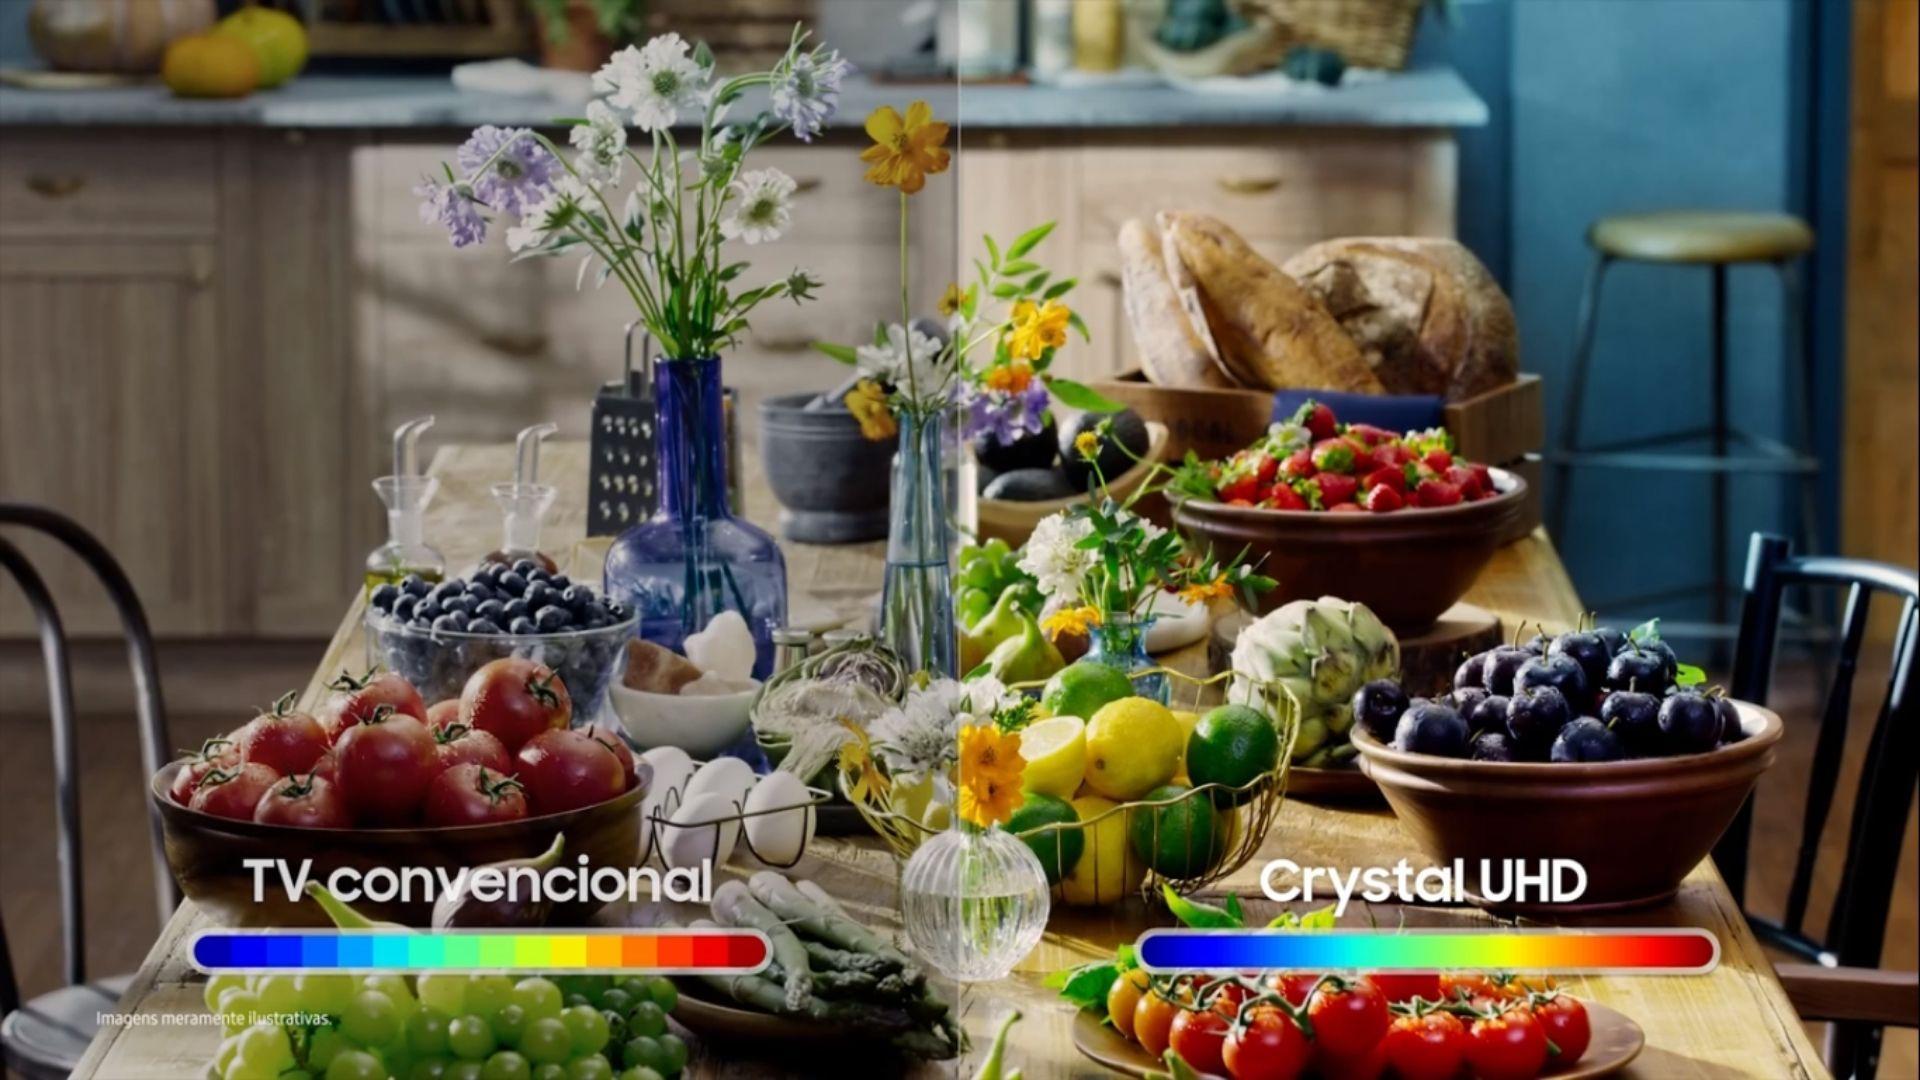 Processador Crystal 4K é capaz de reproduzir imagens com cores mais voltadas para a realidade e maior contraste. (Imagem: Reprodução/Samsung)